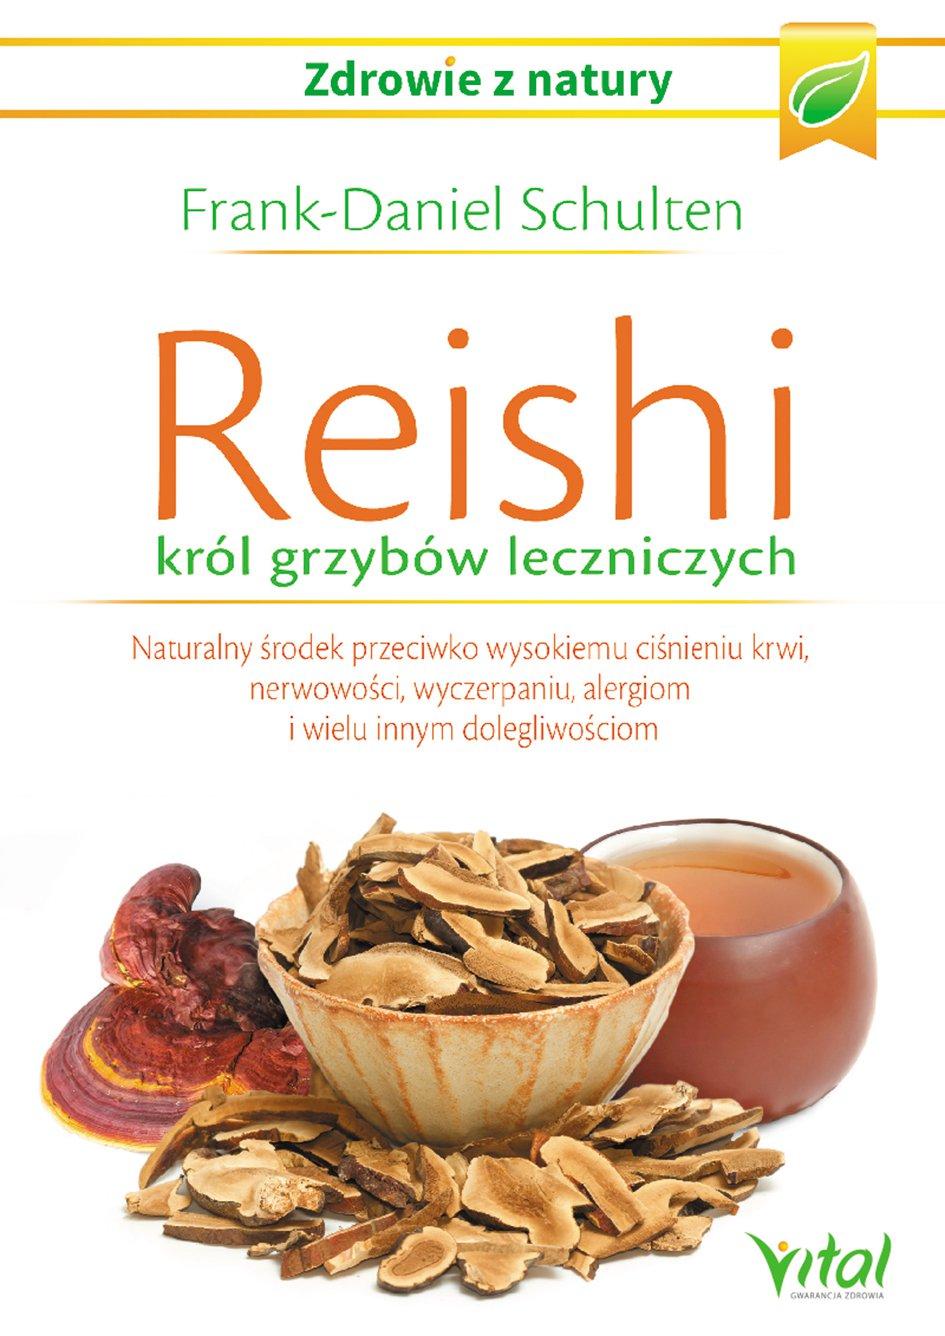 Reishi – król grzybów leczniczych. Naturalny środek przeciwko wysokiemu ciśnieniu krwi, nerwowości, wyczerpaniu, alergiom i wielu innym dolegliwościom - Ebook (Książka na Kindle) do pobrania w formacie MOBI